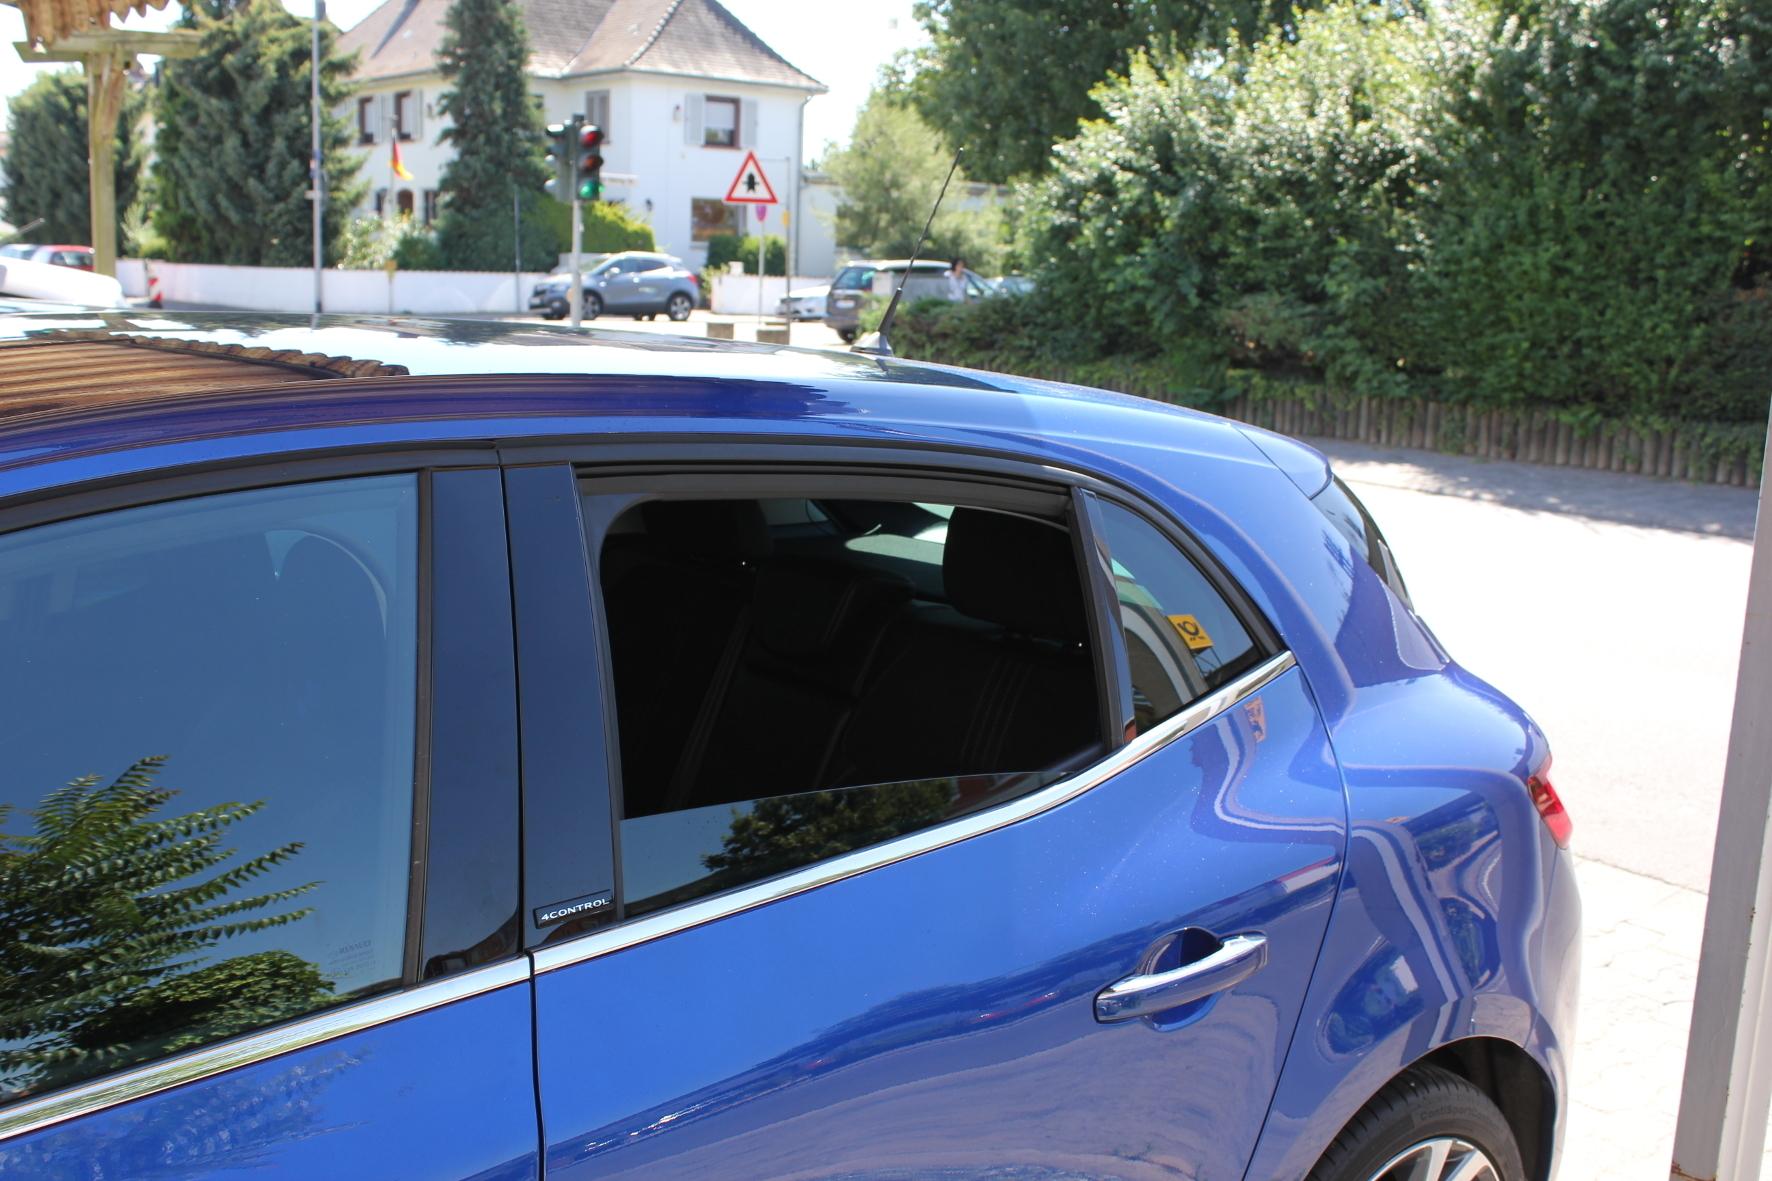 mid Groß-Gerau - Das ist eindeutig zu viel: Parken mit geöffnetem Fenster verstößt gegen die Straßenverkehrsordnung.